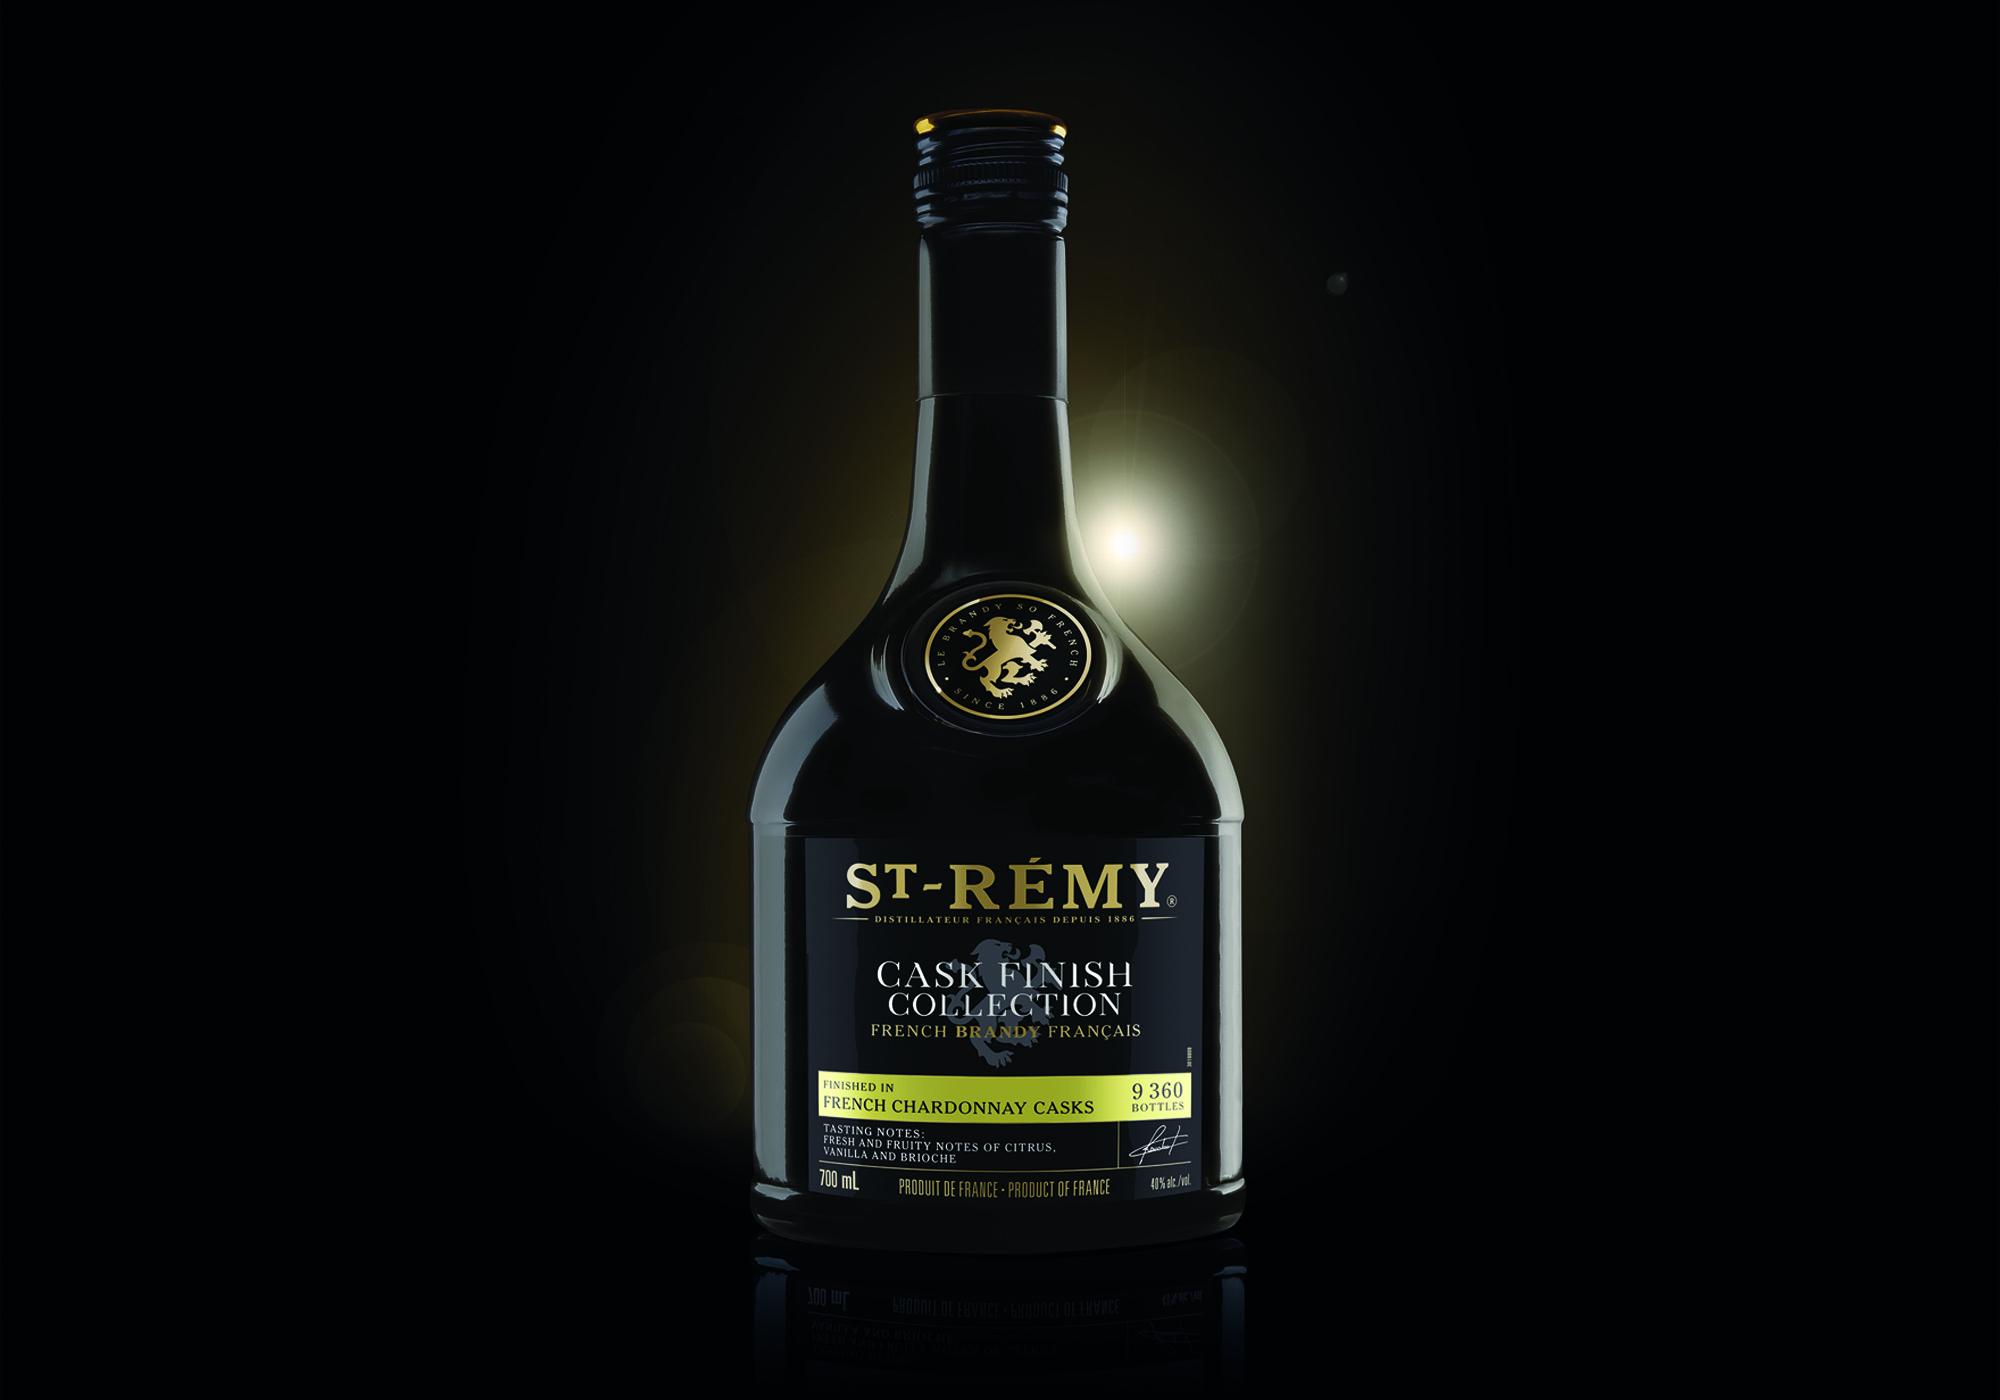 ST-RÉMY